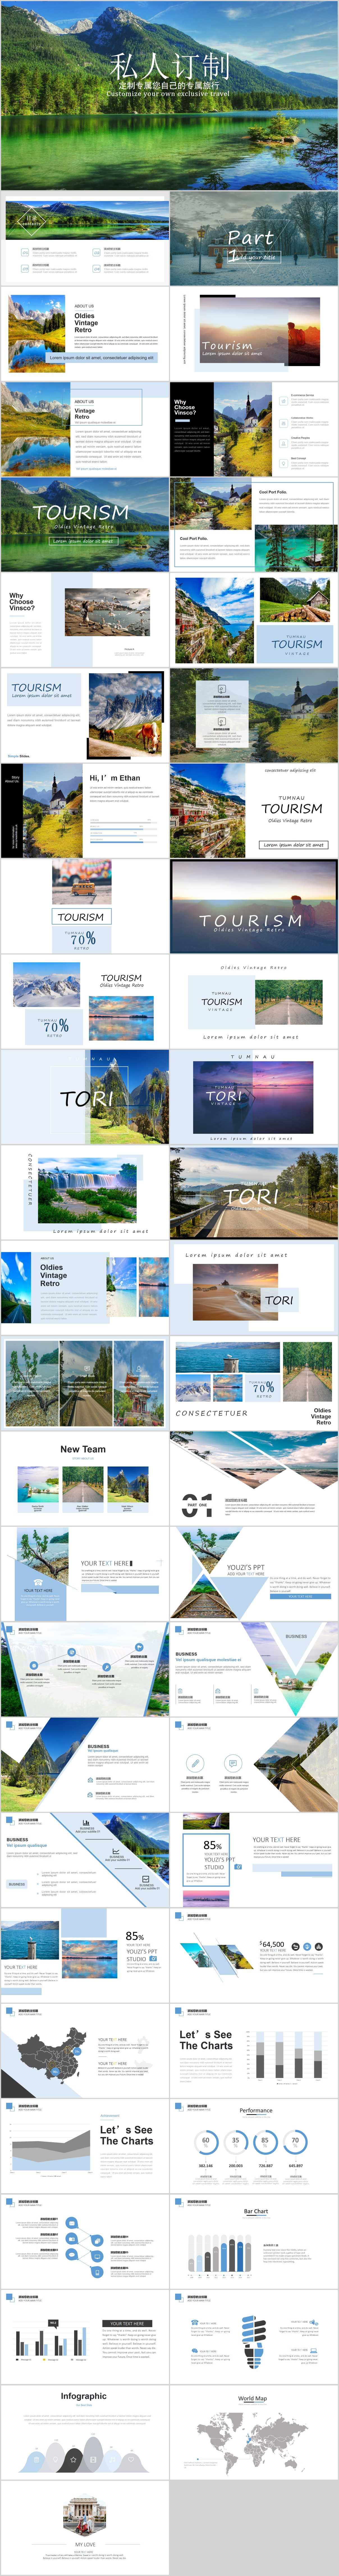 高端旅游相片展示PPT模板美景绿色坏境绿化自然湖水